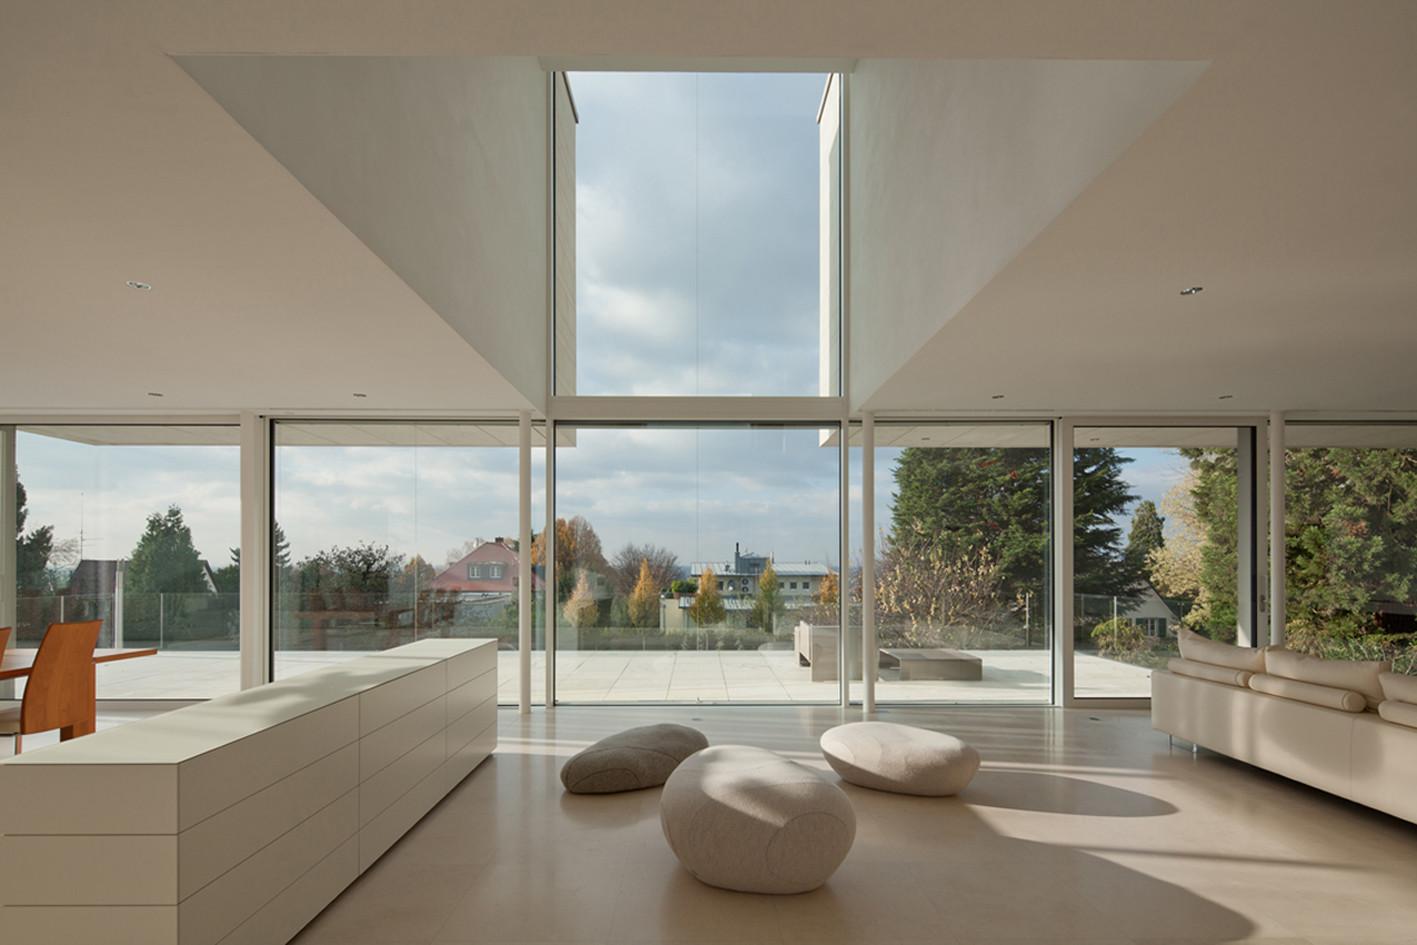 Architekt Weinheim house p g architekten wannenmacher möller gmbh archdaily